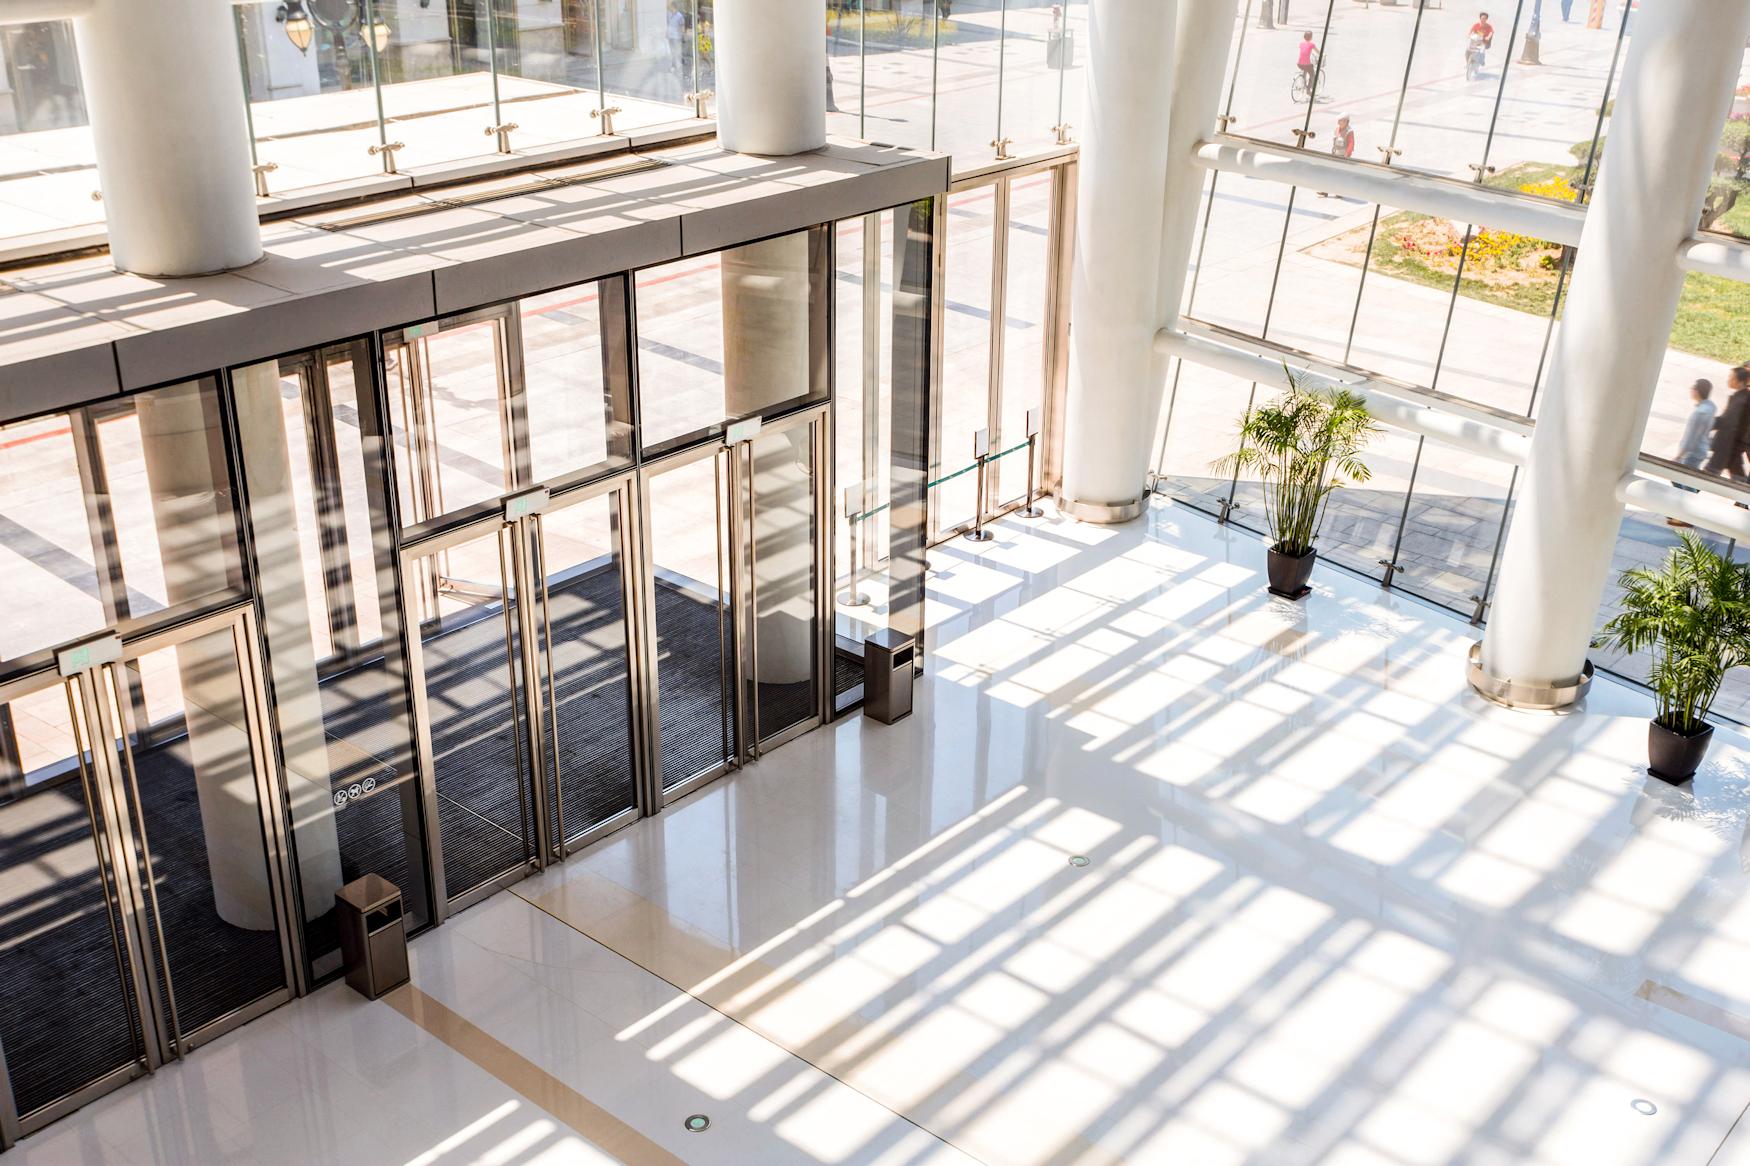 International Energy Conservation Code Requirements for Vestibule Doors